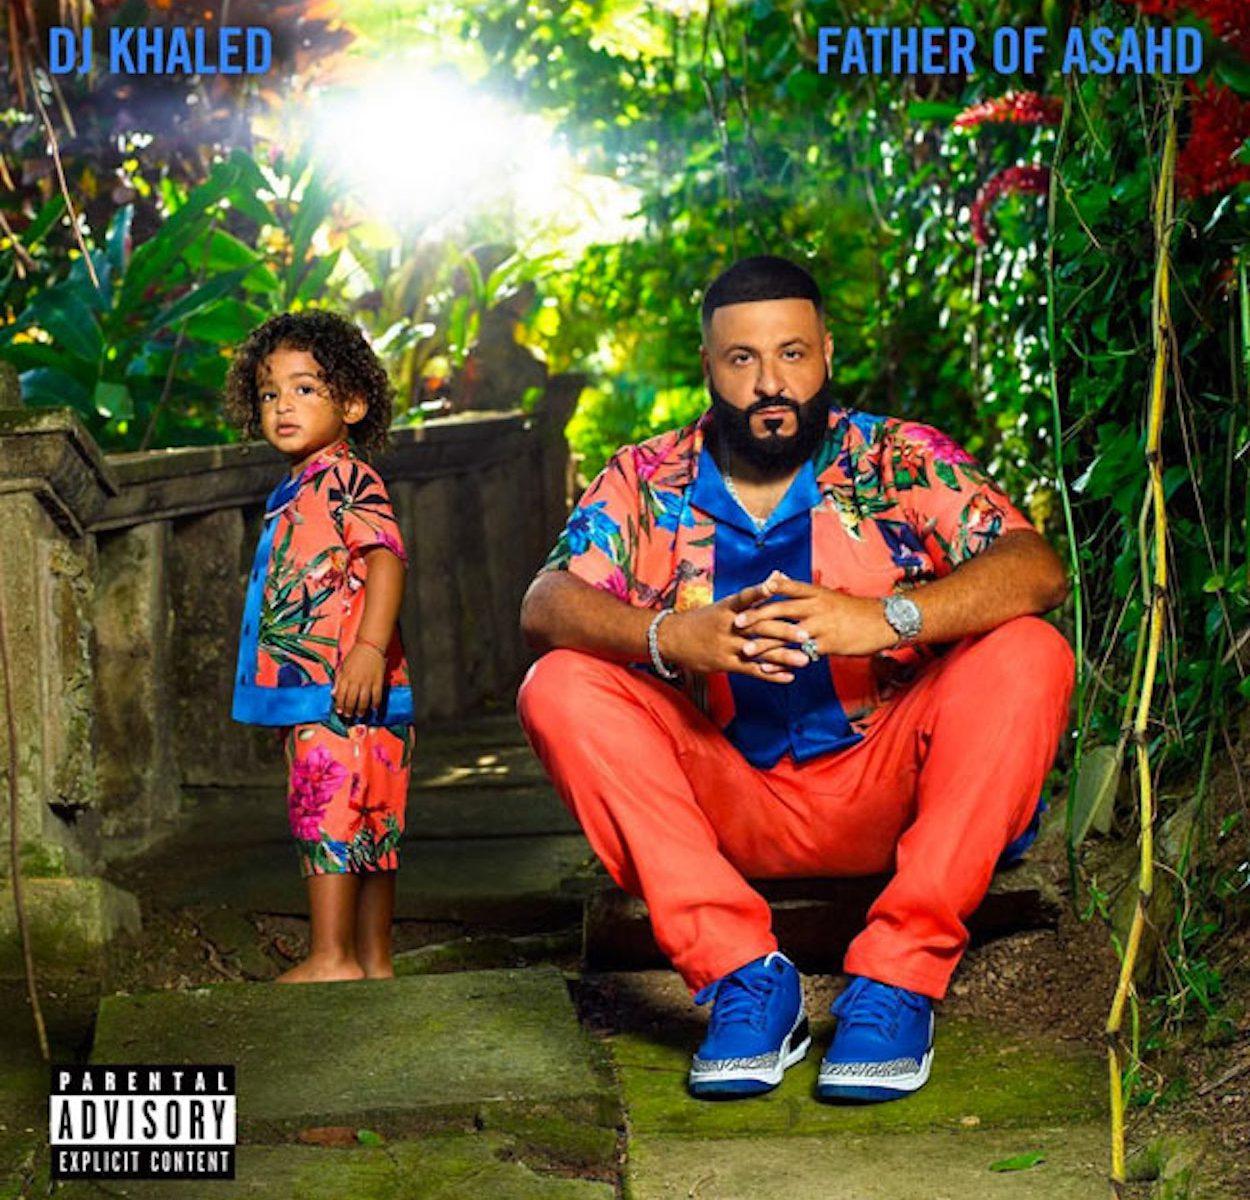 DJ Khaled released his twelfth studio album